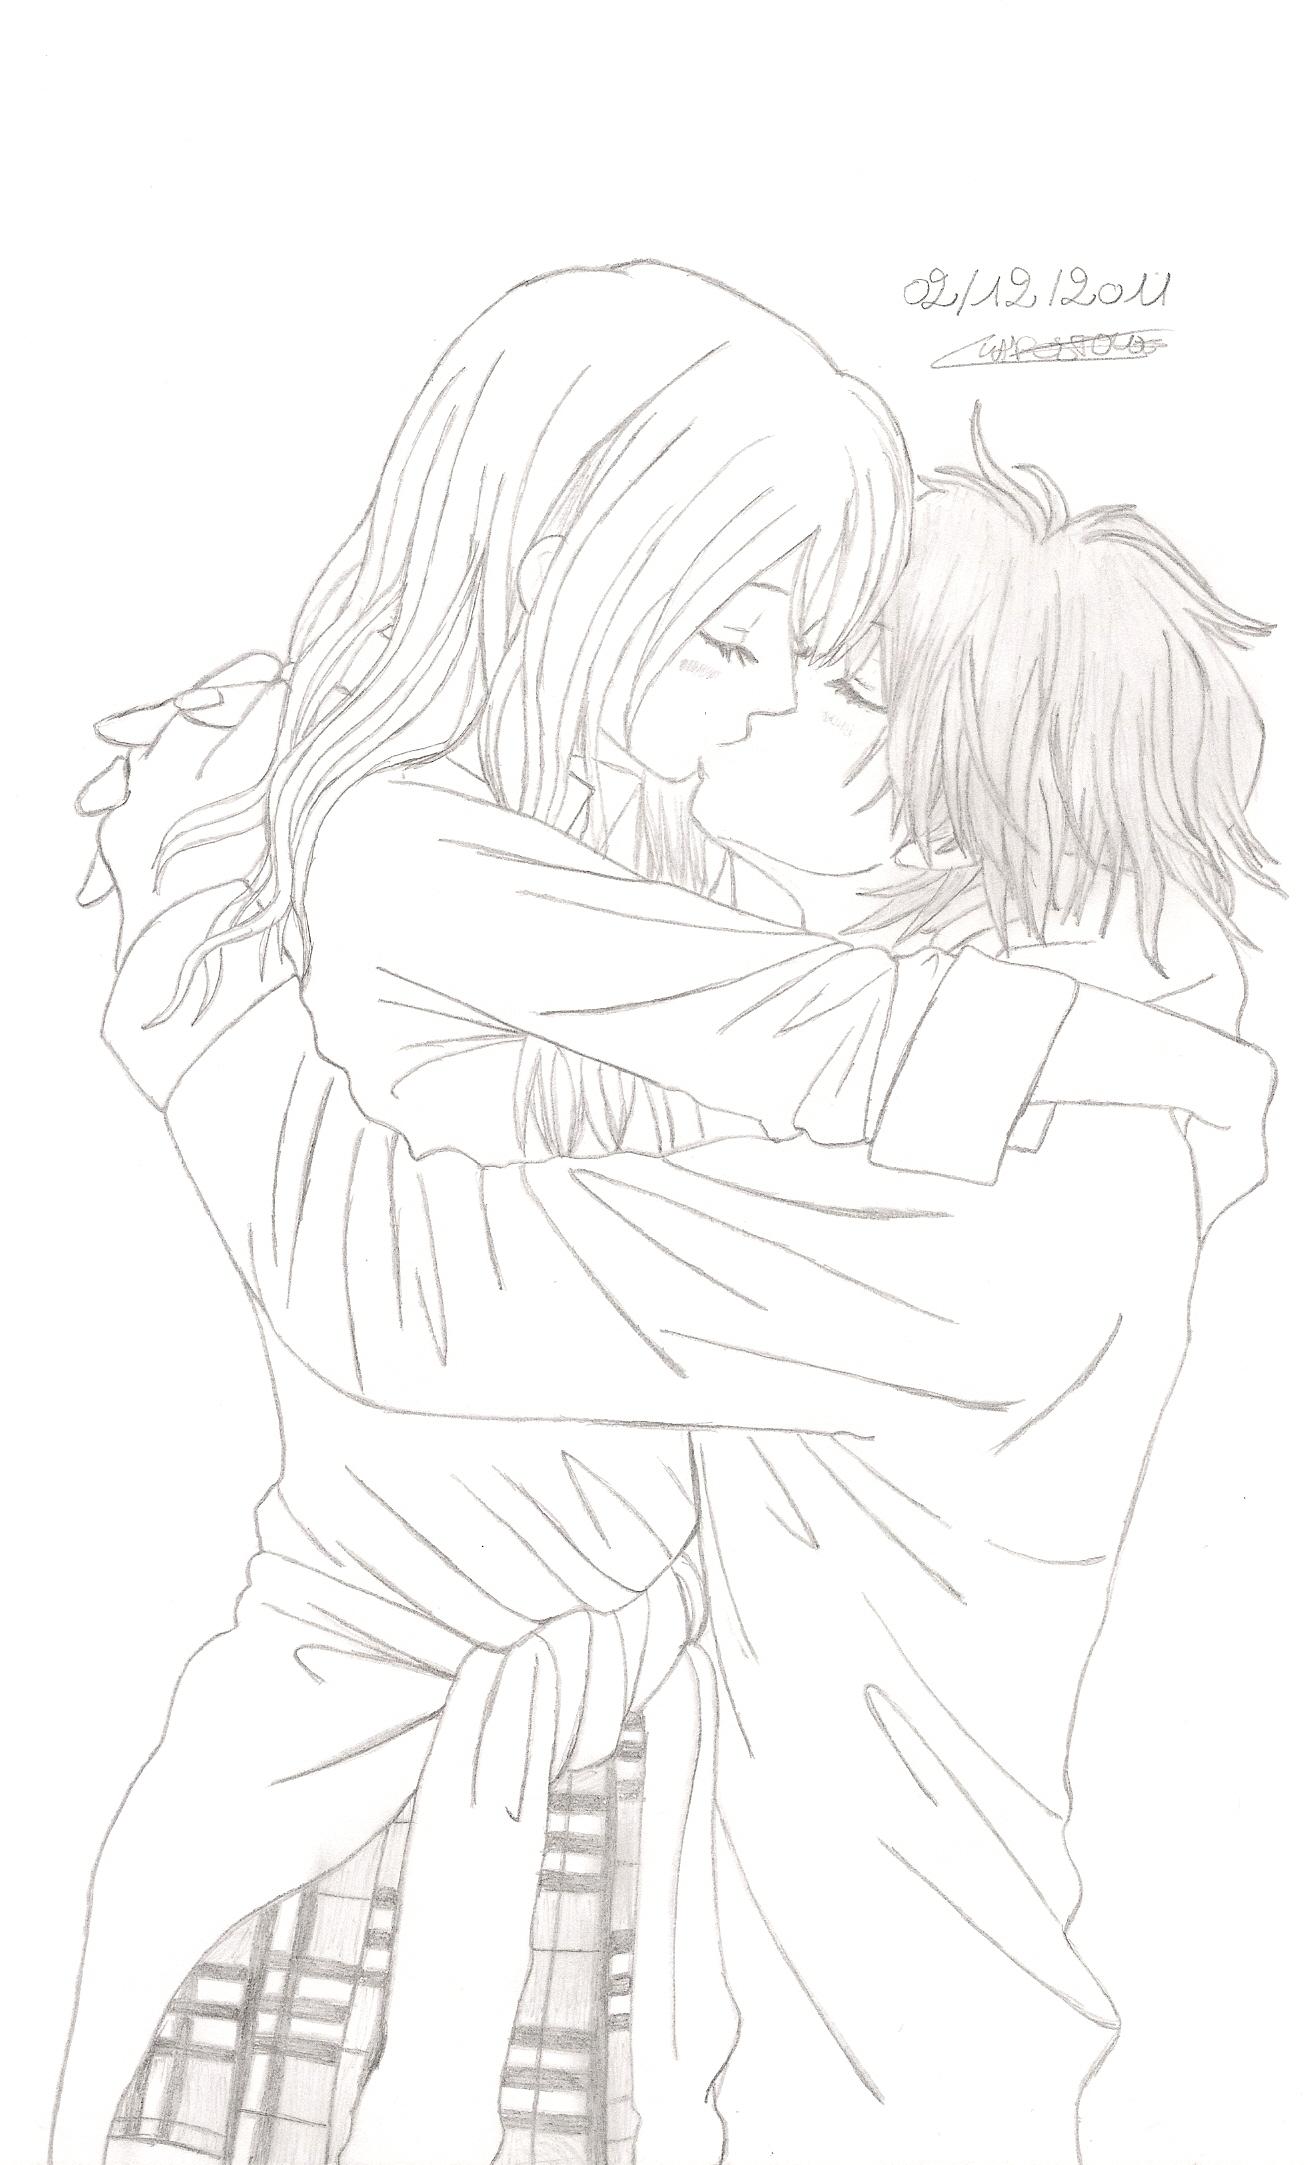 comment dessiner 2 personnes qui s embrassent